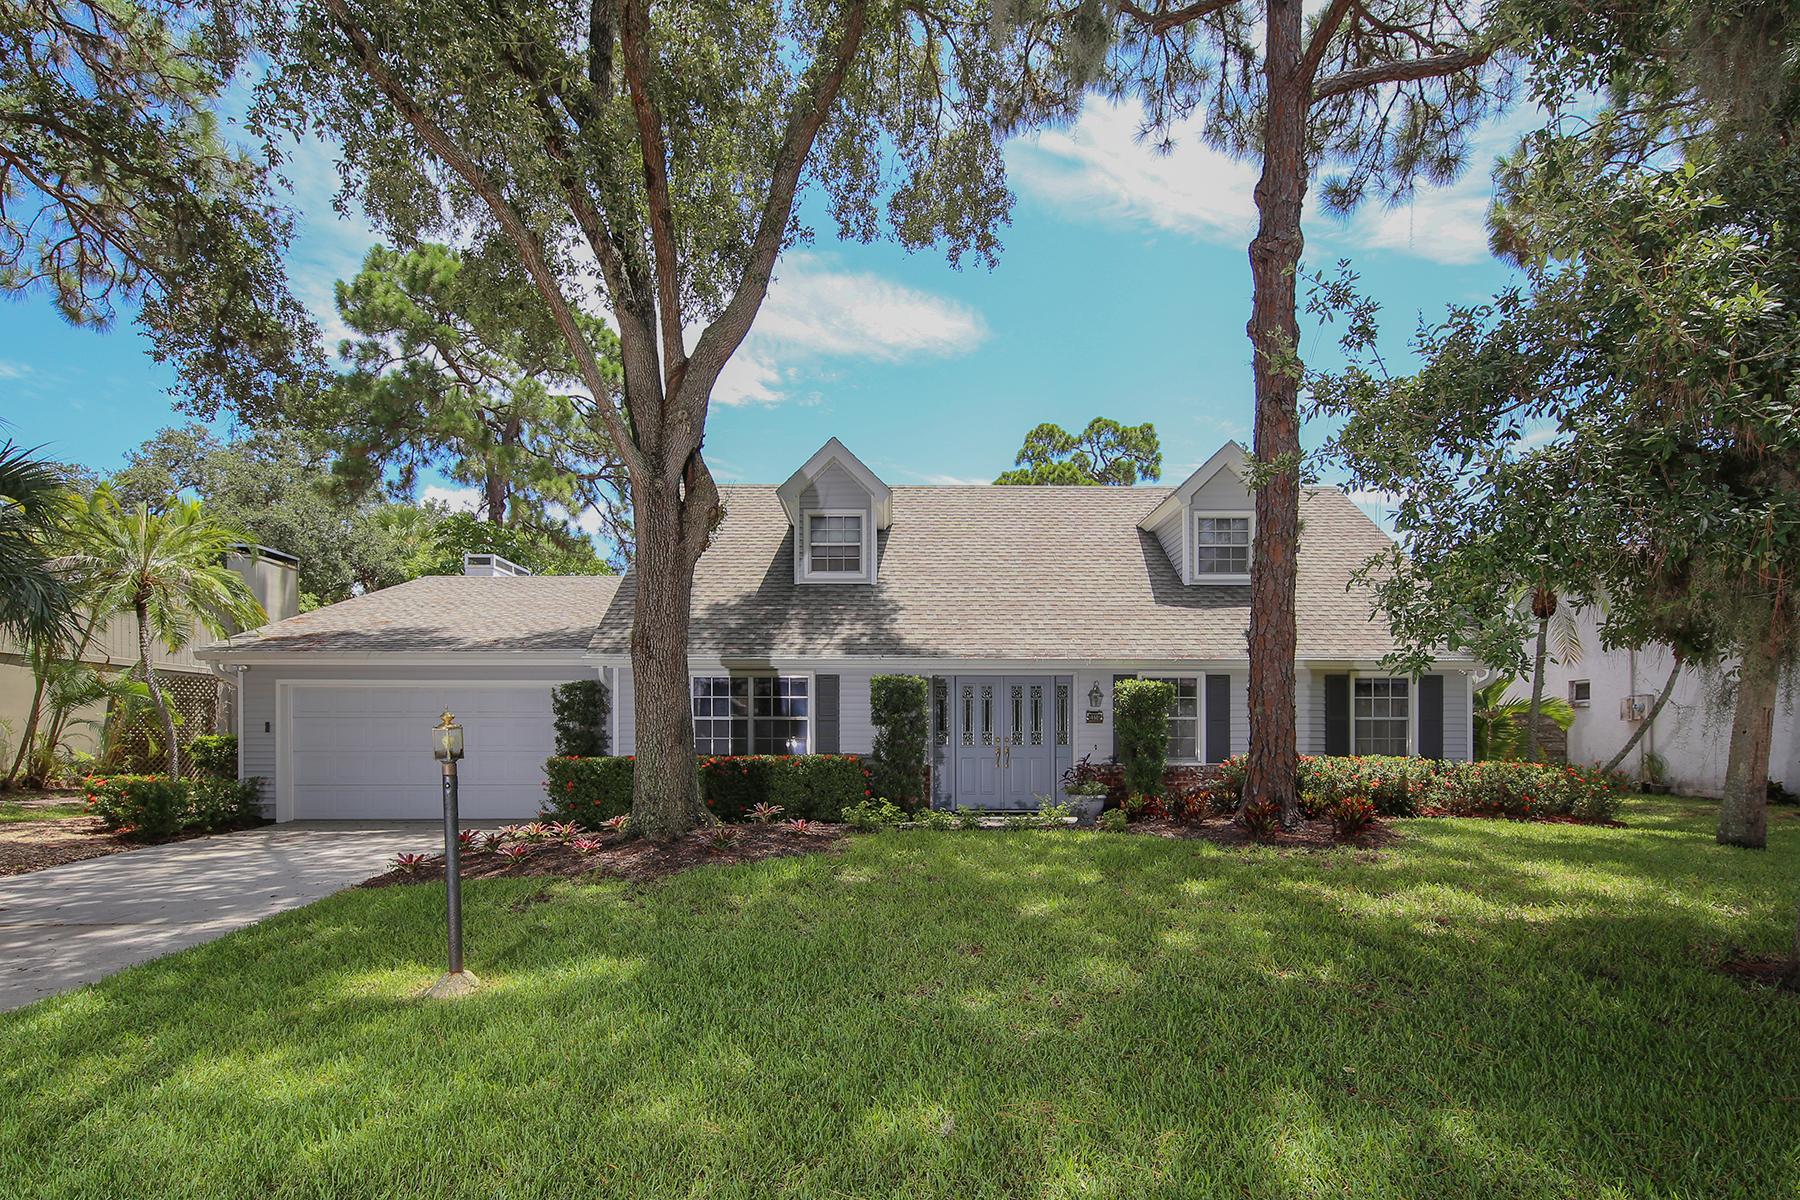 단독 가정 주택 용 매매 에 BENEVA WOODS 5514 Beneva Woods Cir Sarasota, 플로리다, 34233 미국